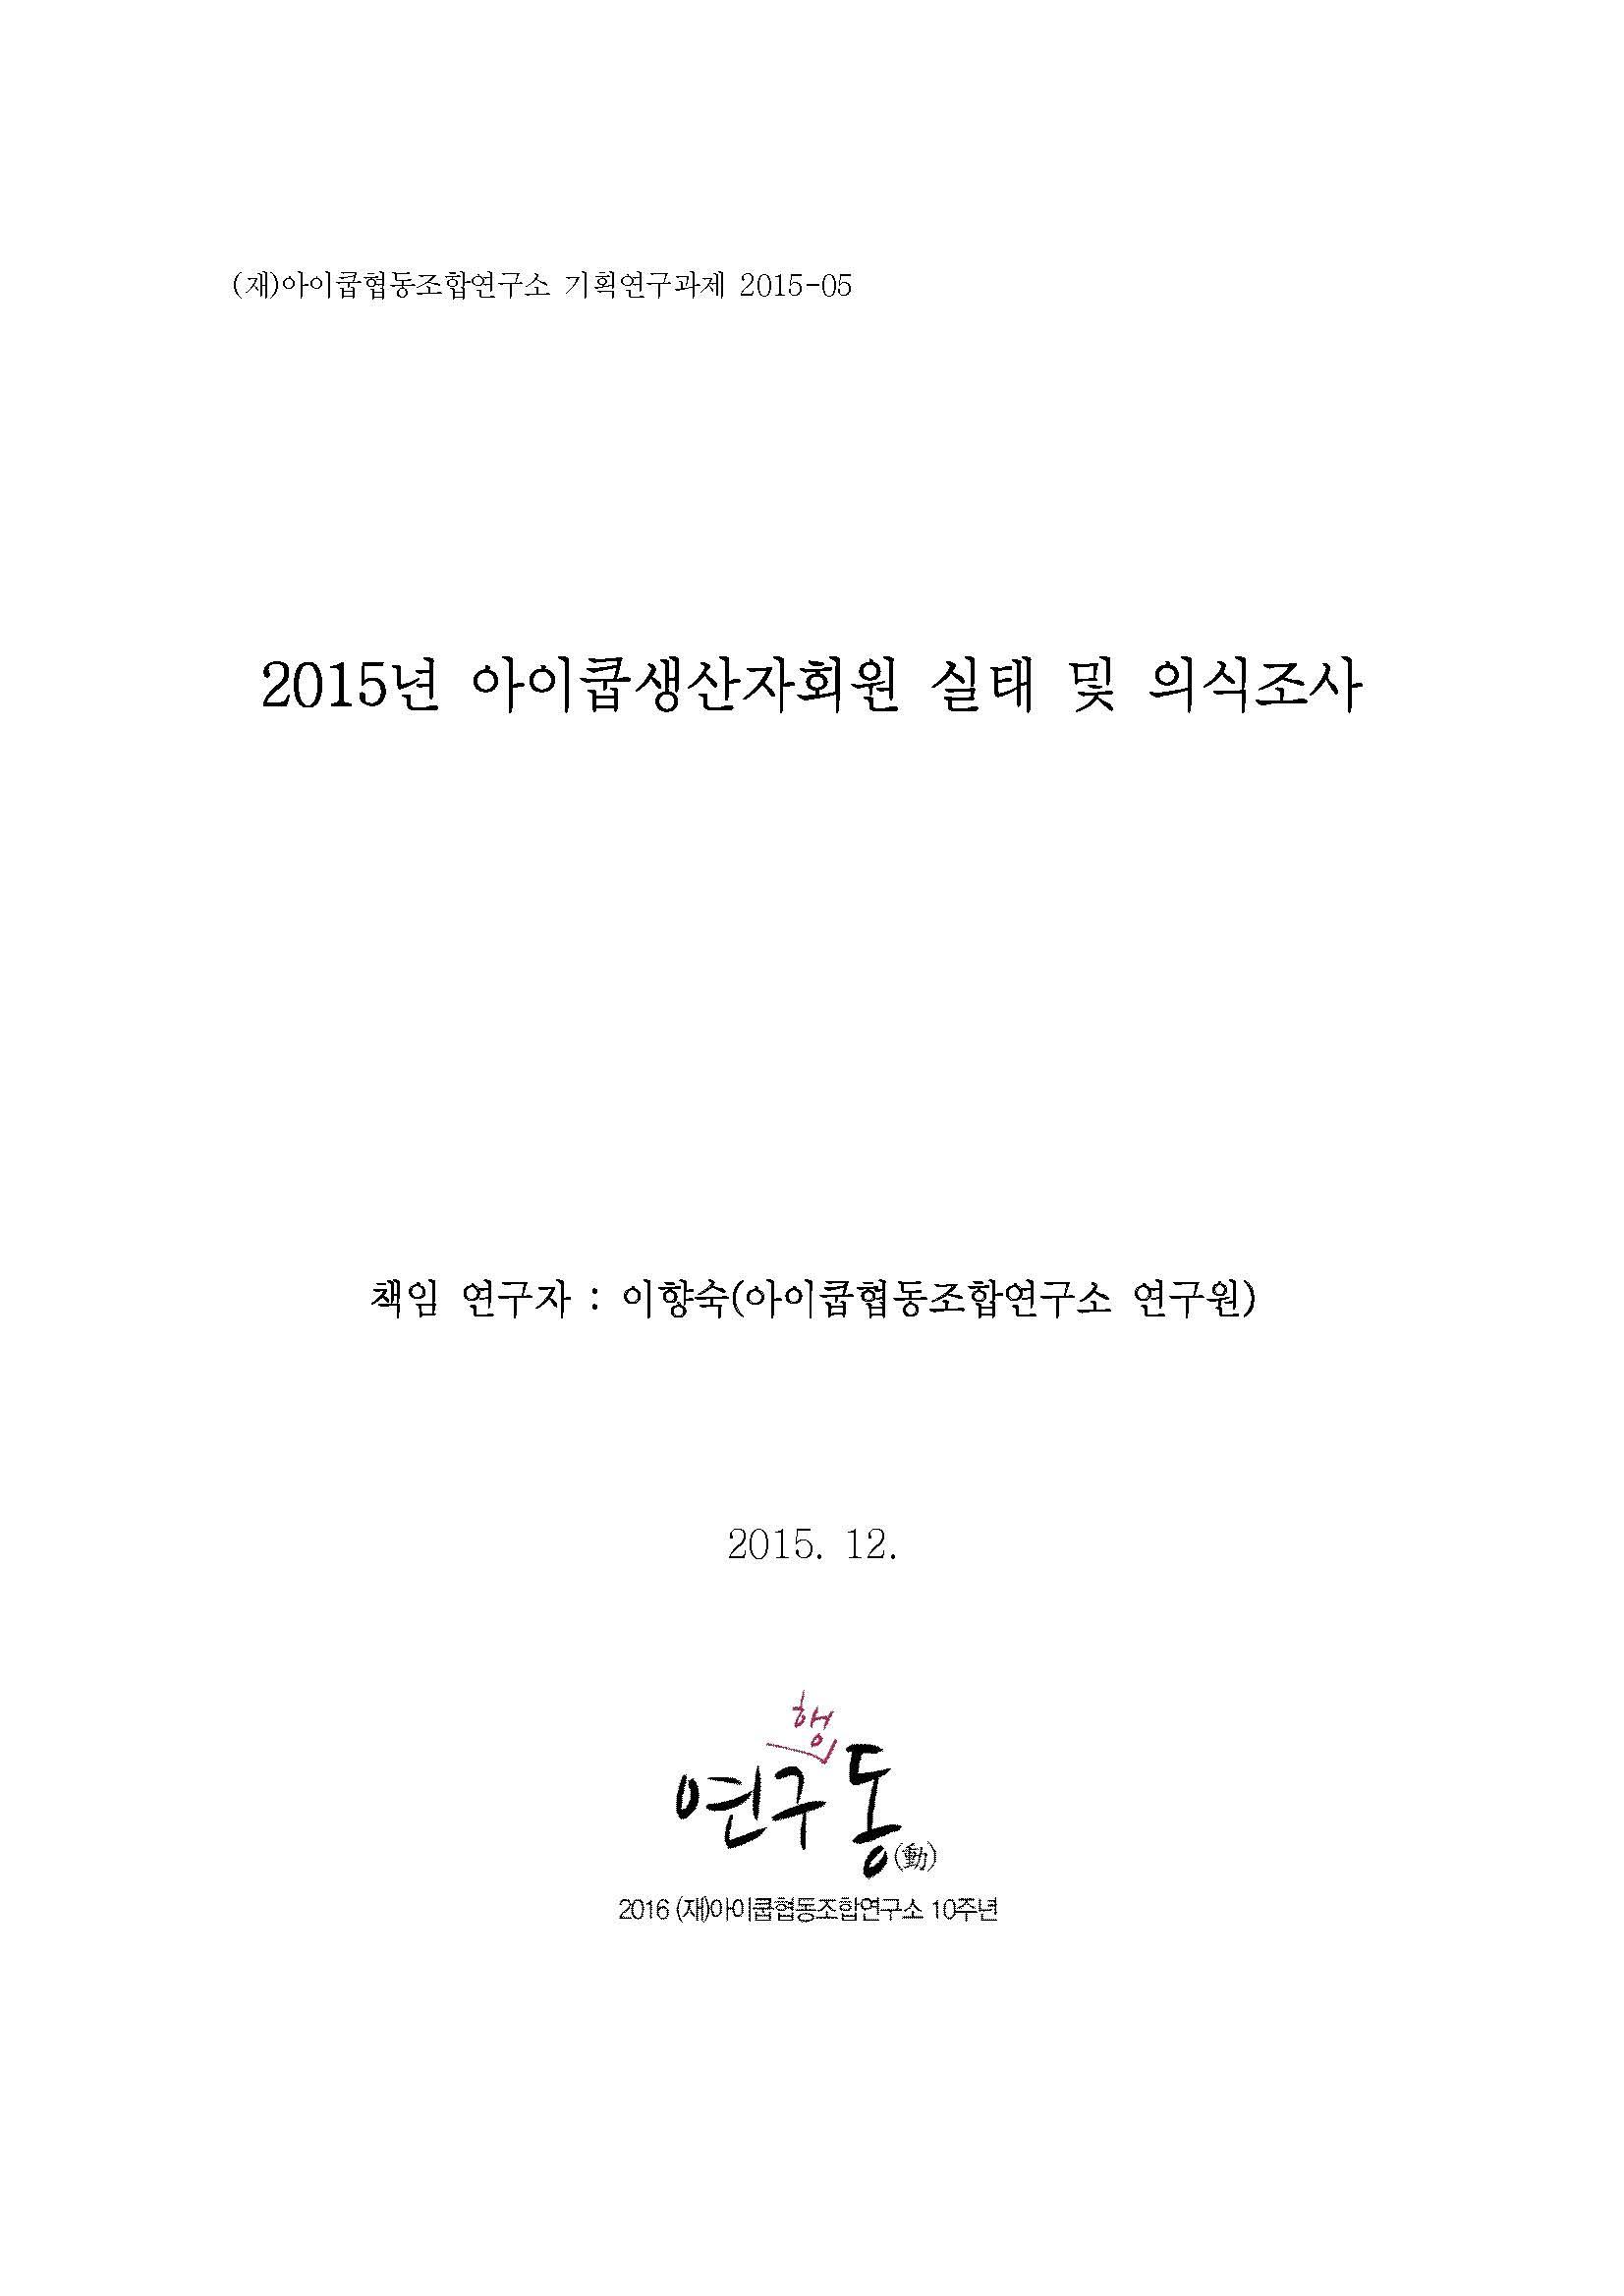 [최종]아이쿱생산자회조사보고서_Page_001.jpg